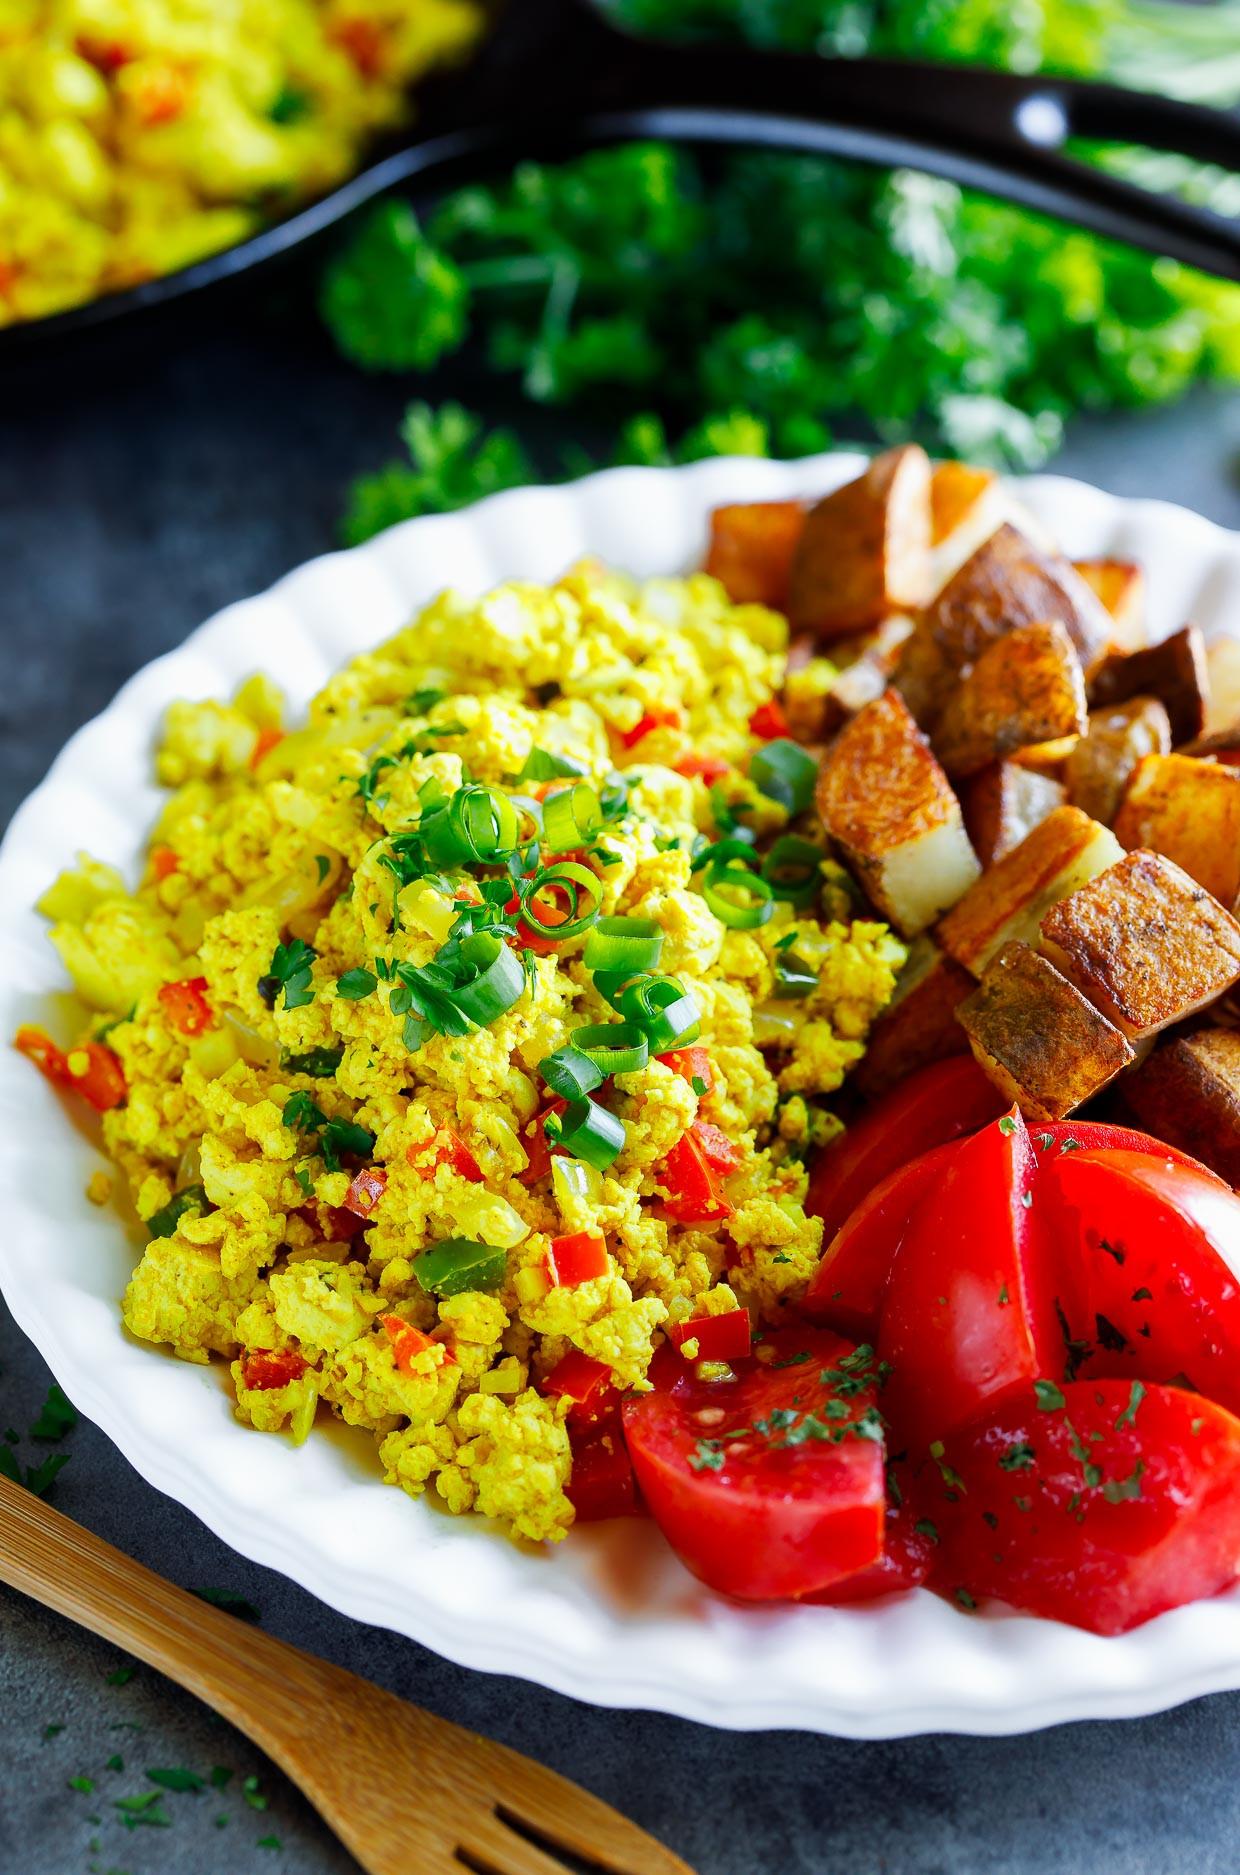 Tofu Breakfast Recipes  Garden Veggie Tofu Scramble Tasty Vegan Breakfast Recipe